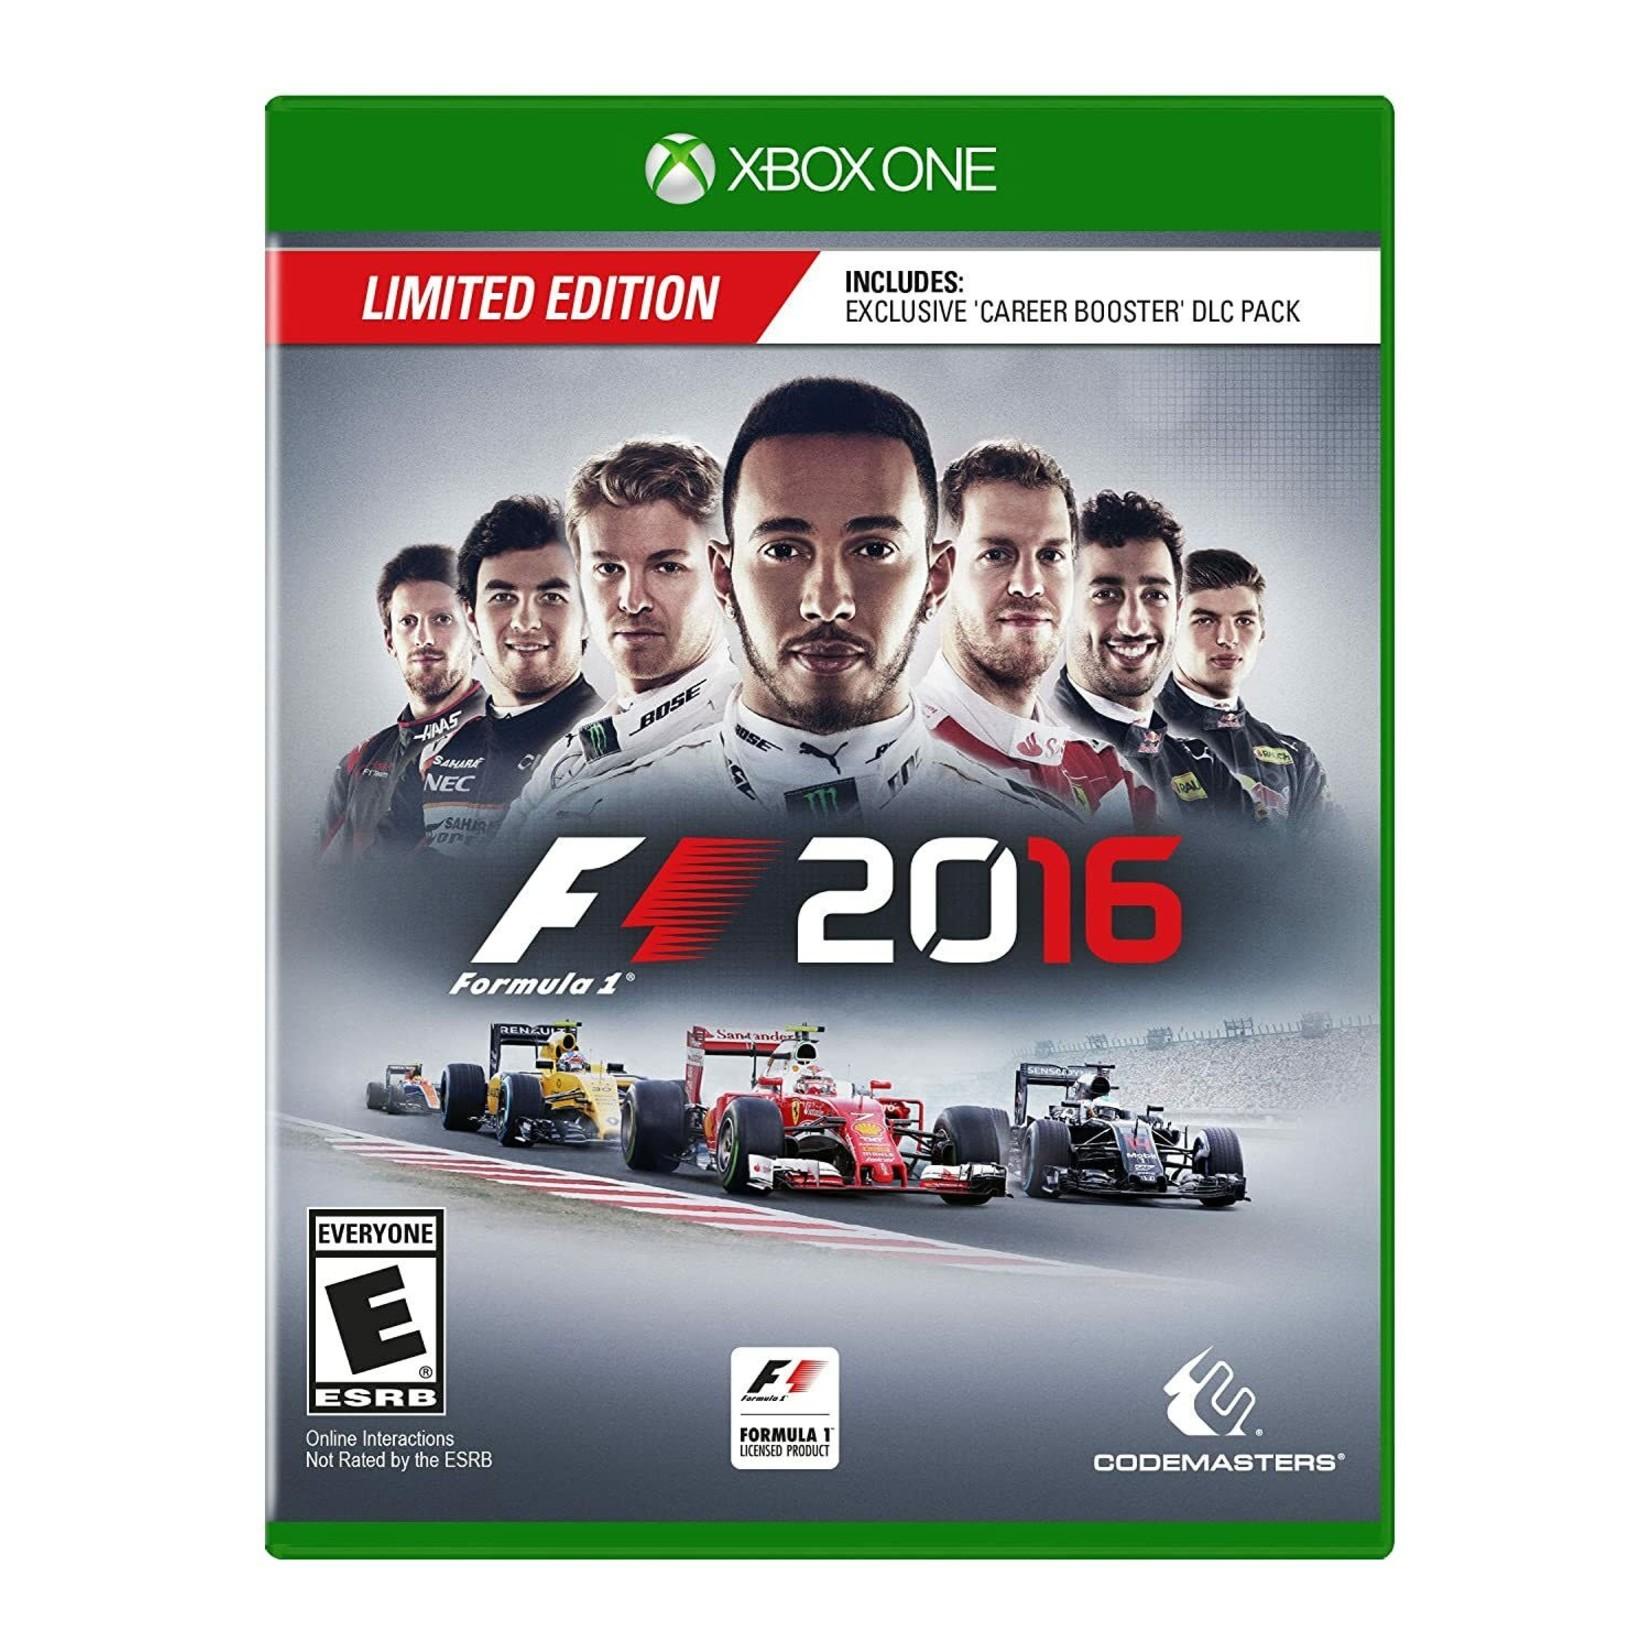 XB1-Formula 1 2016